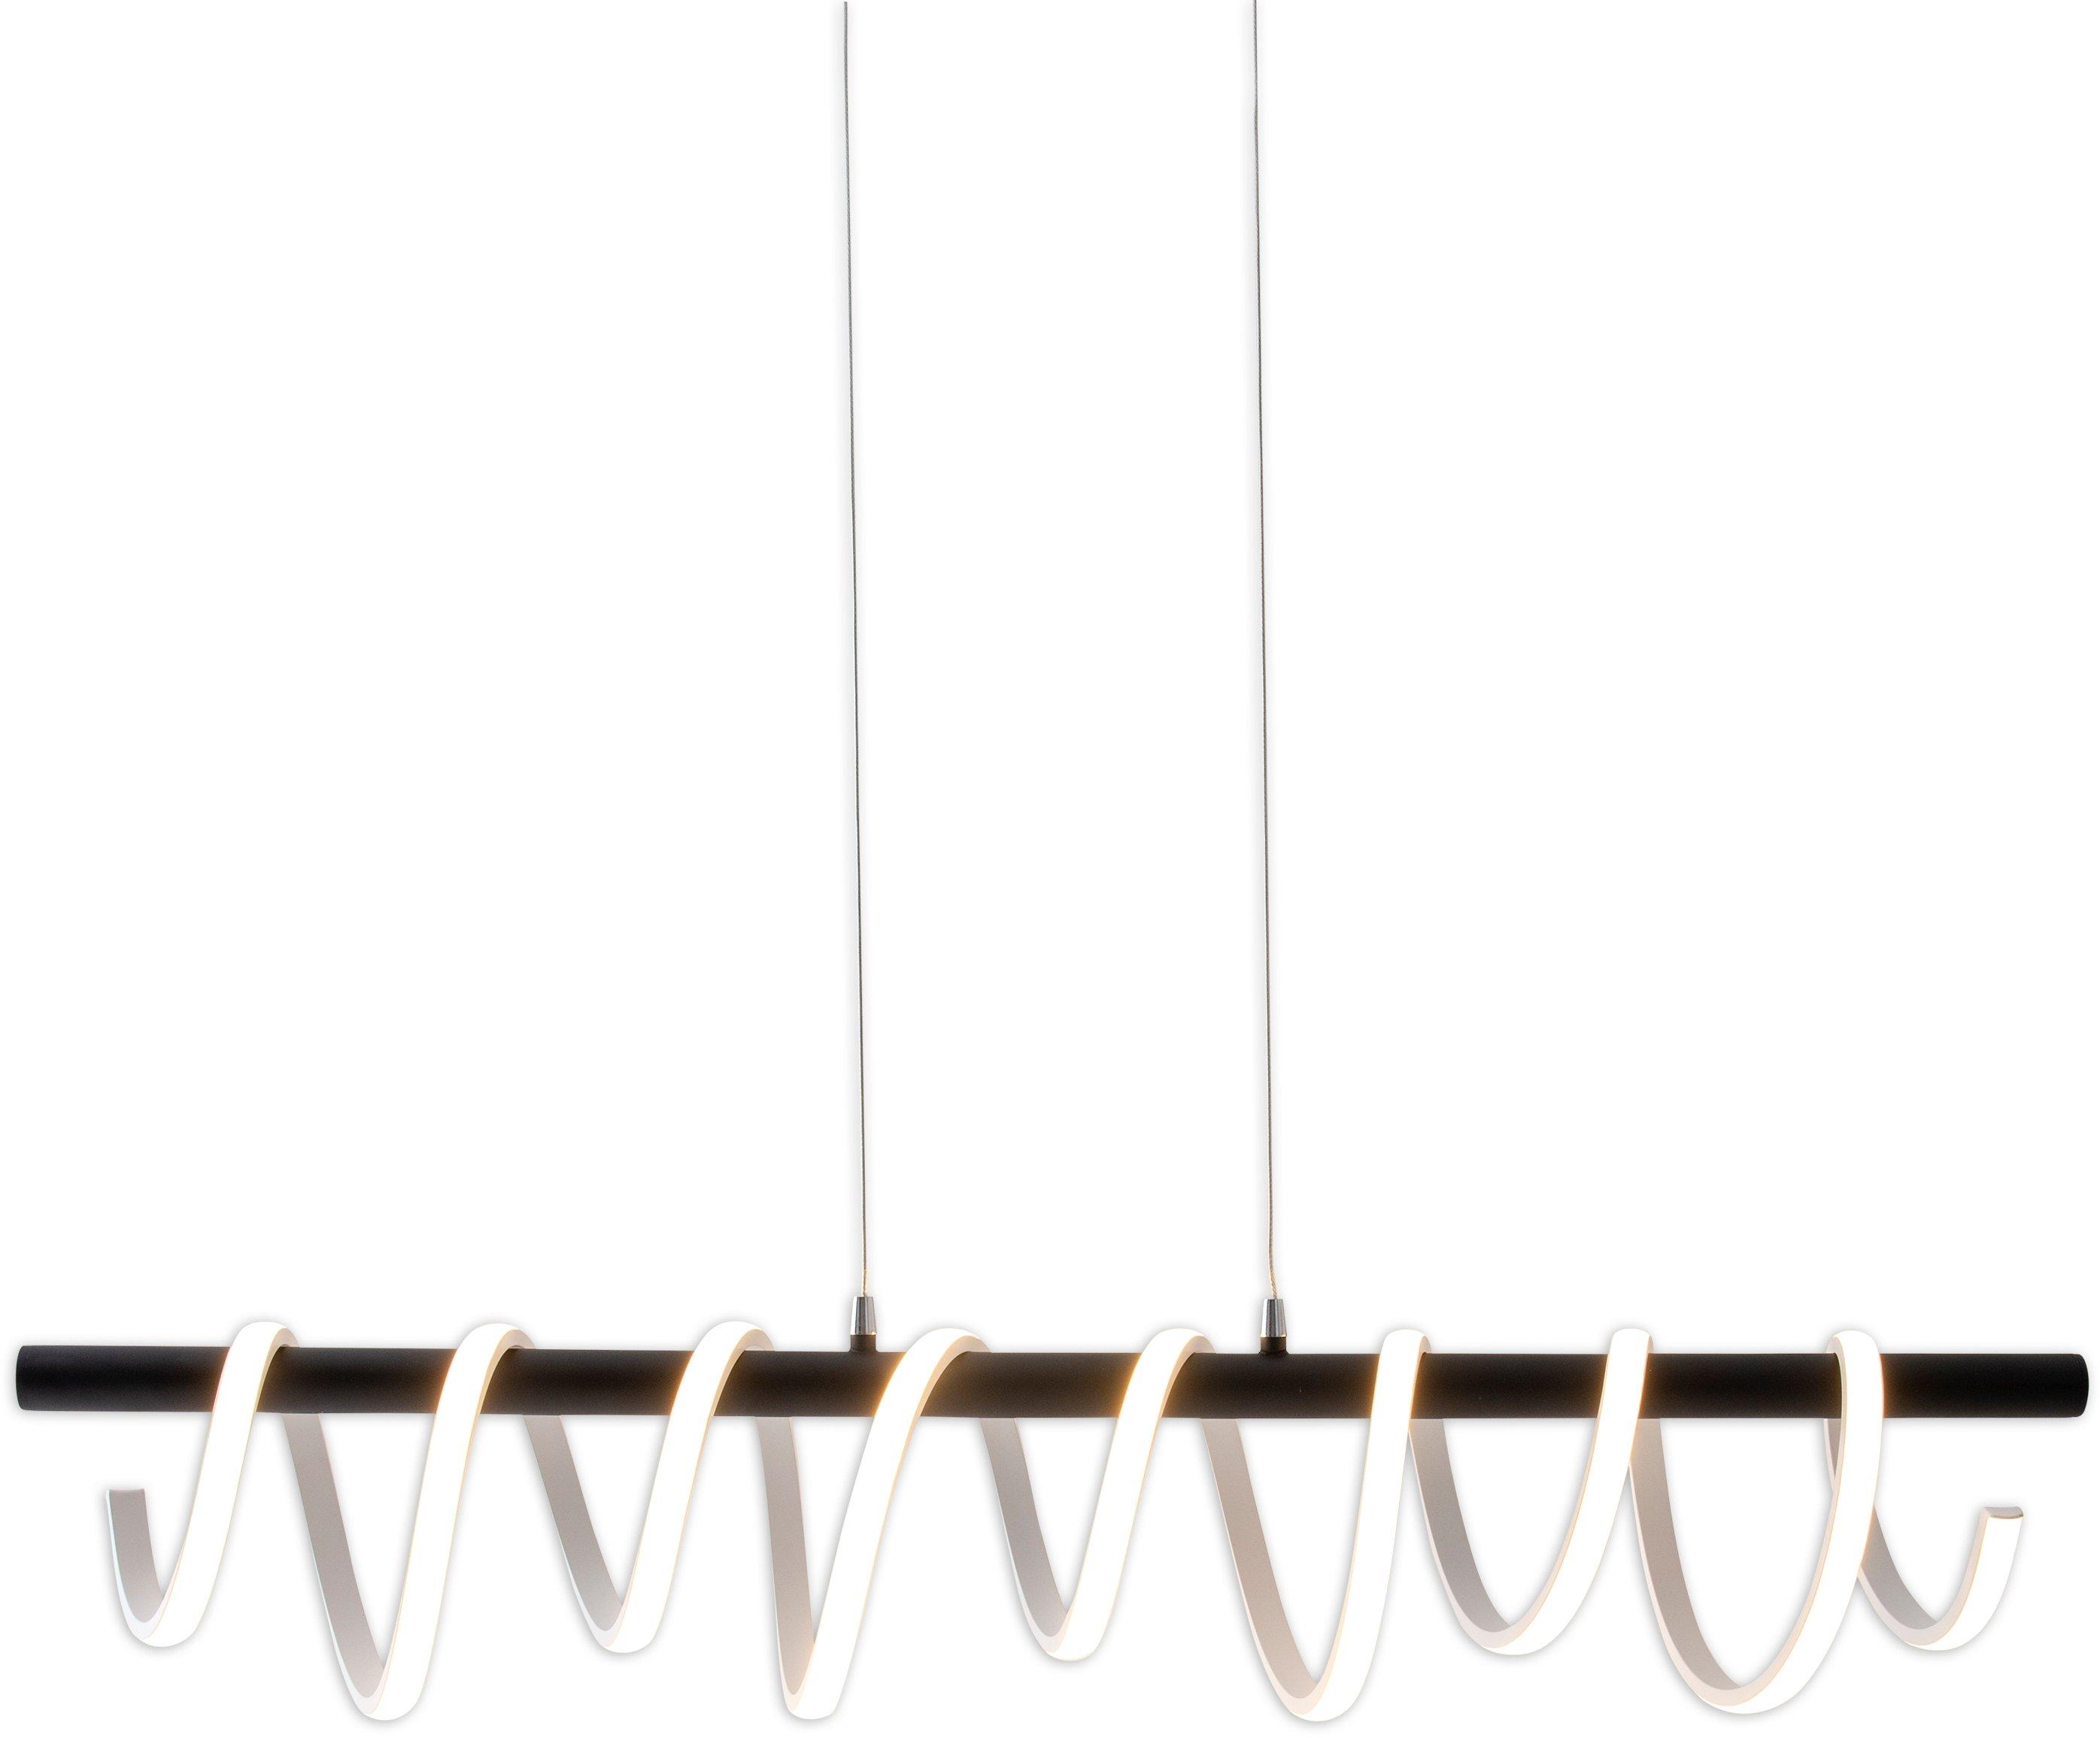 näve led-hanglamp Belleza in 3 standen dimbaar (1 stuk) - verschillende betaalmethodes